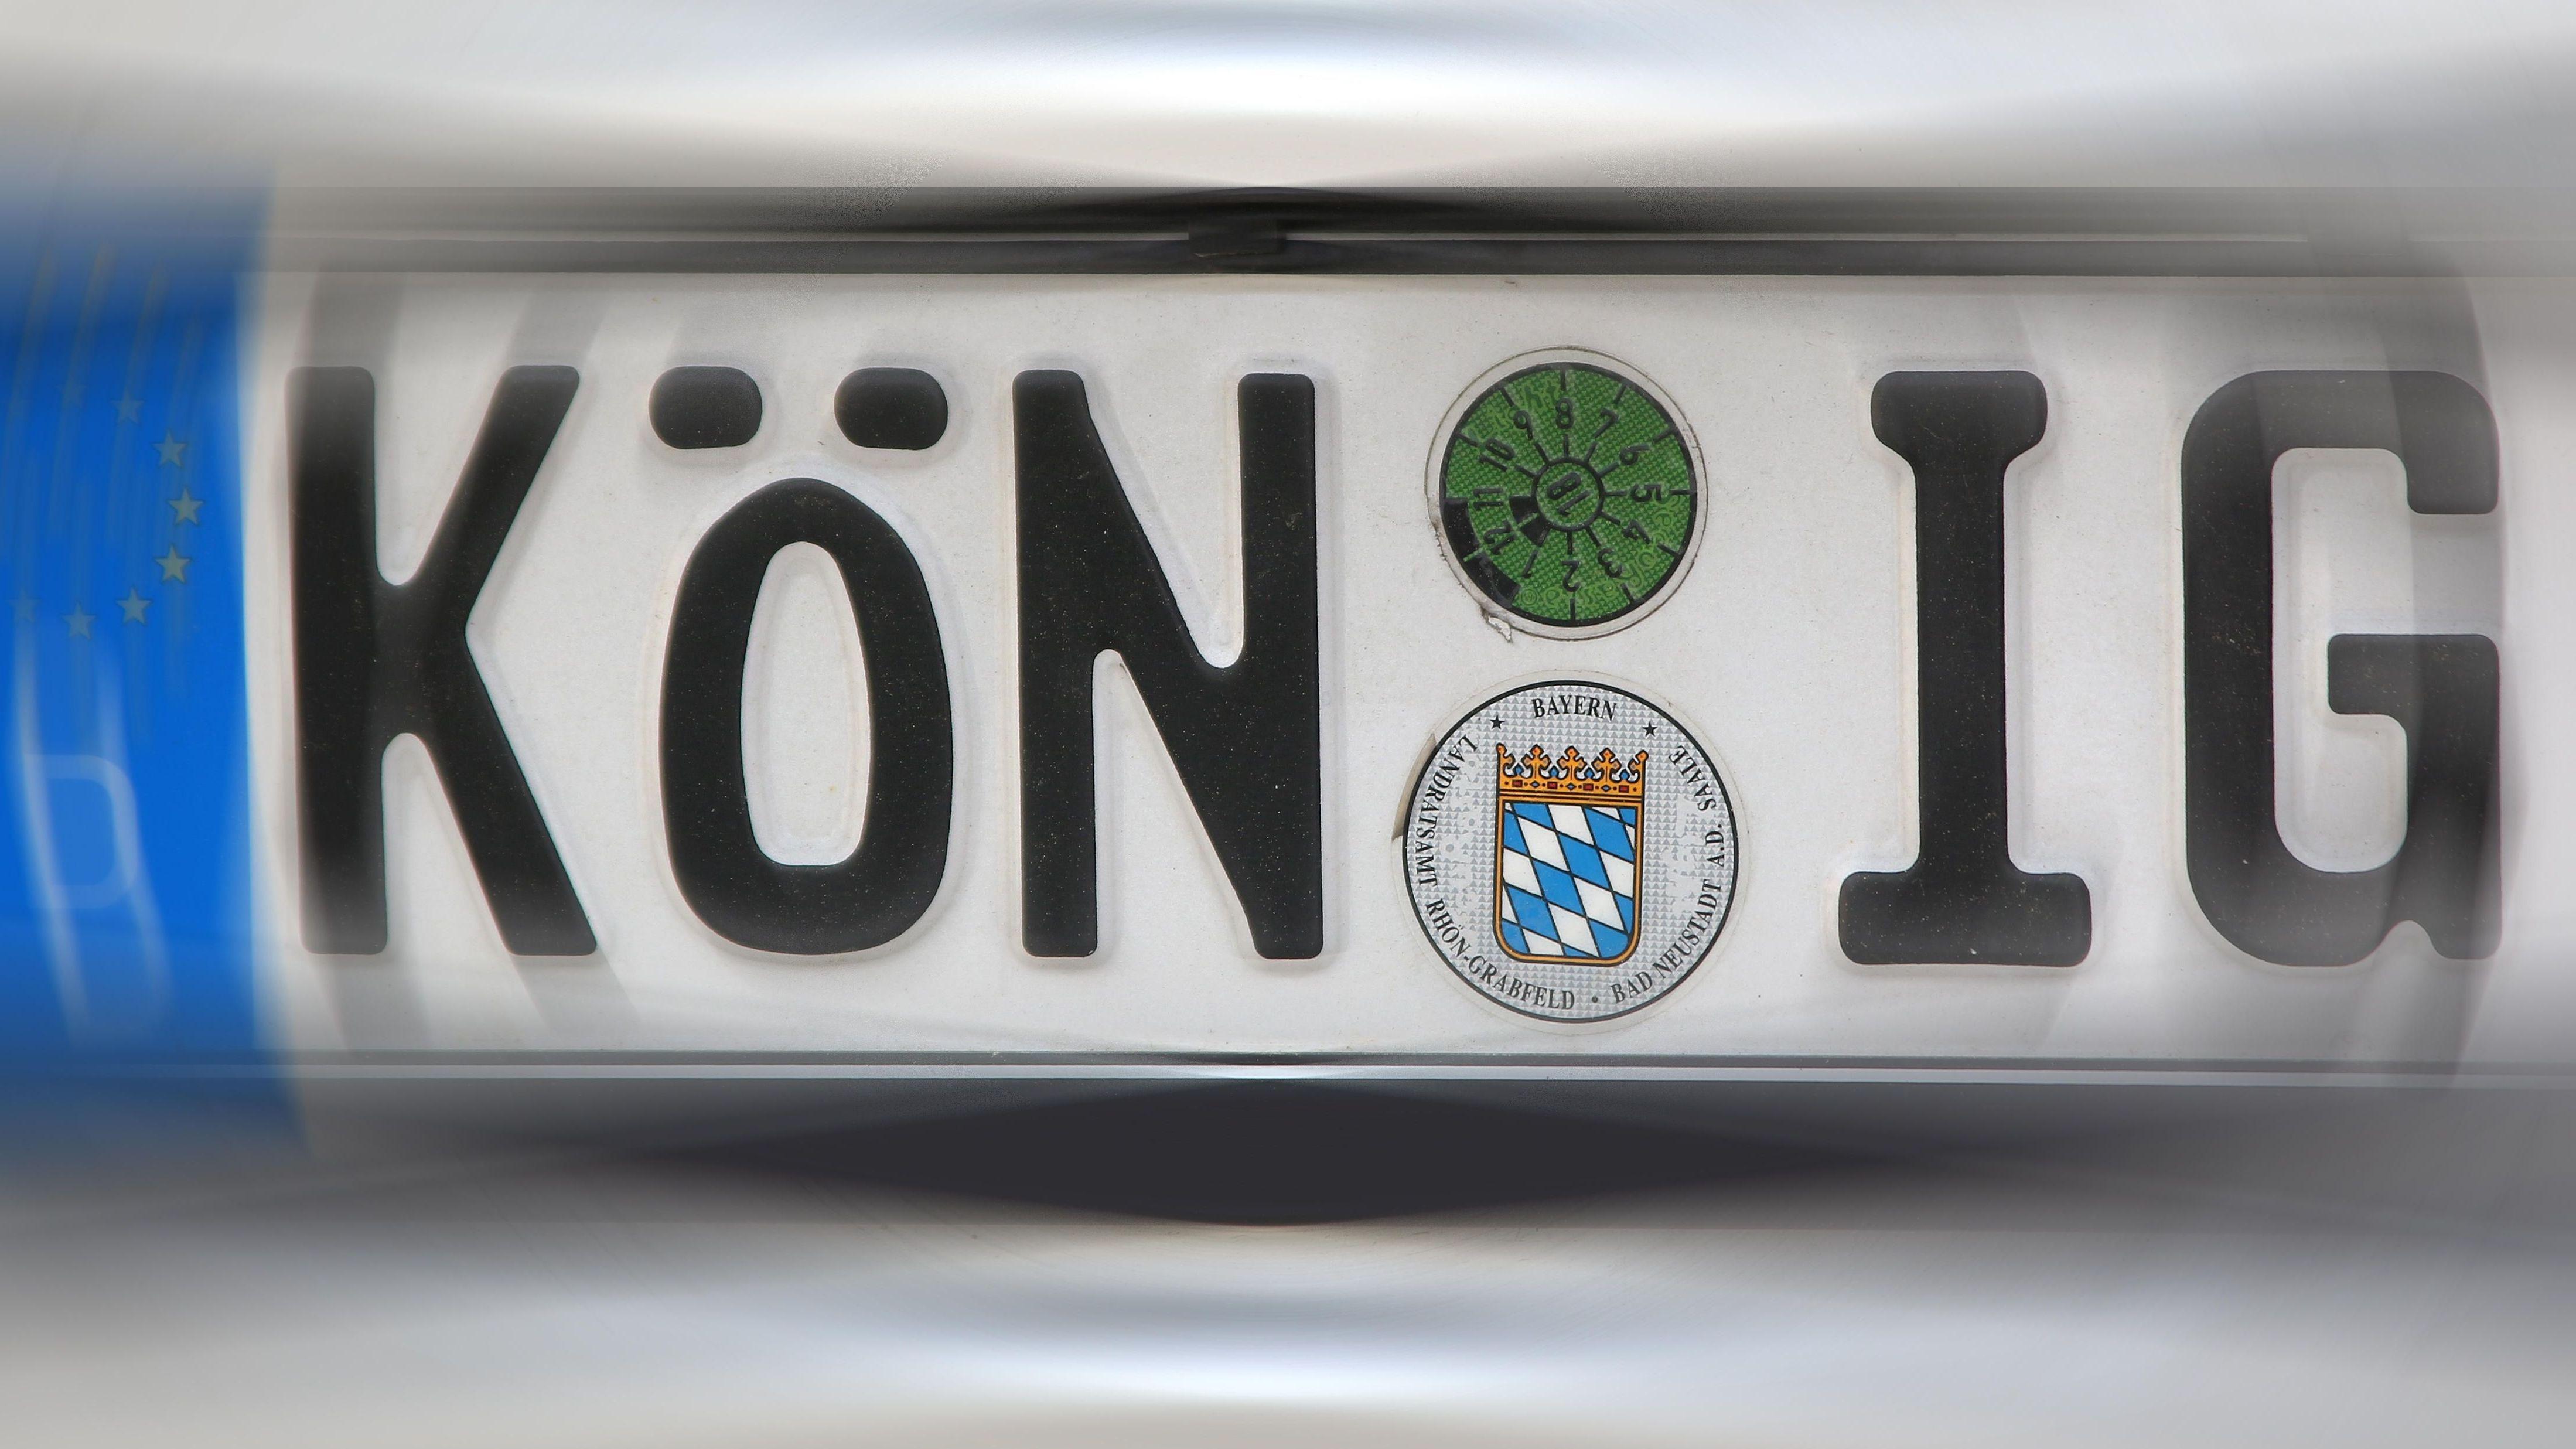 Autokennzeichen von Bad Königshofen, im Landkreis Rhön-Grabfeld